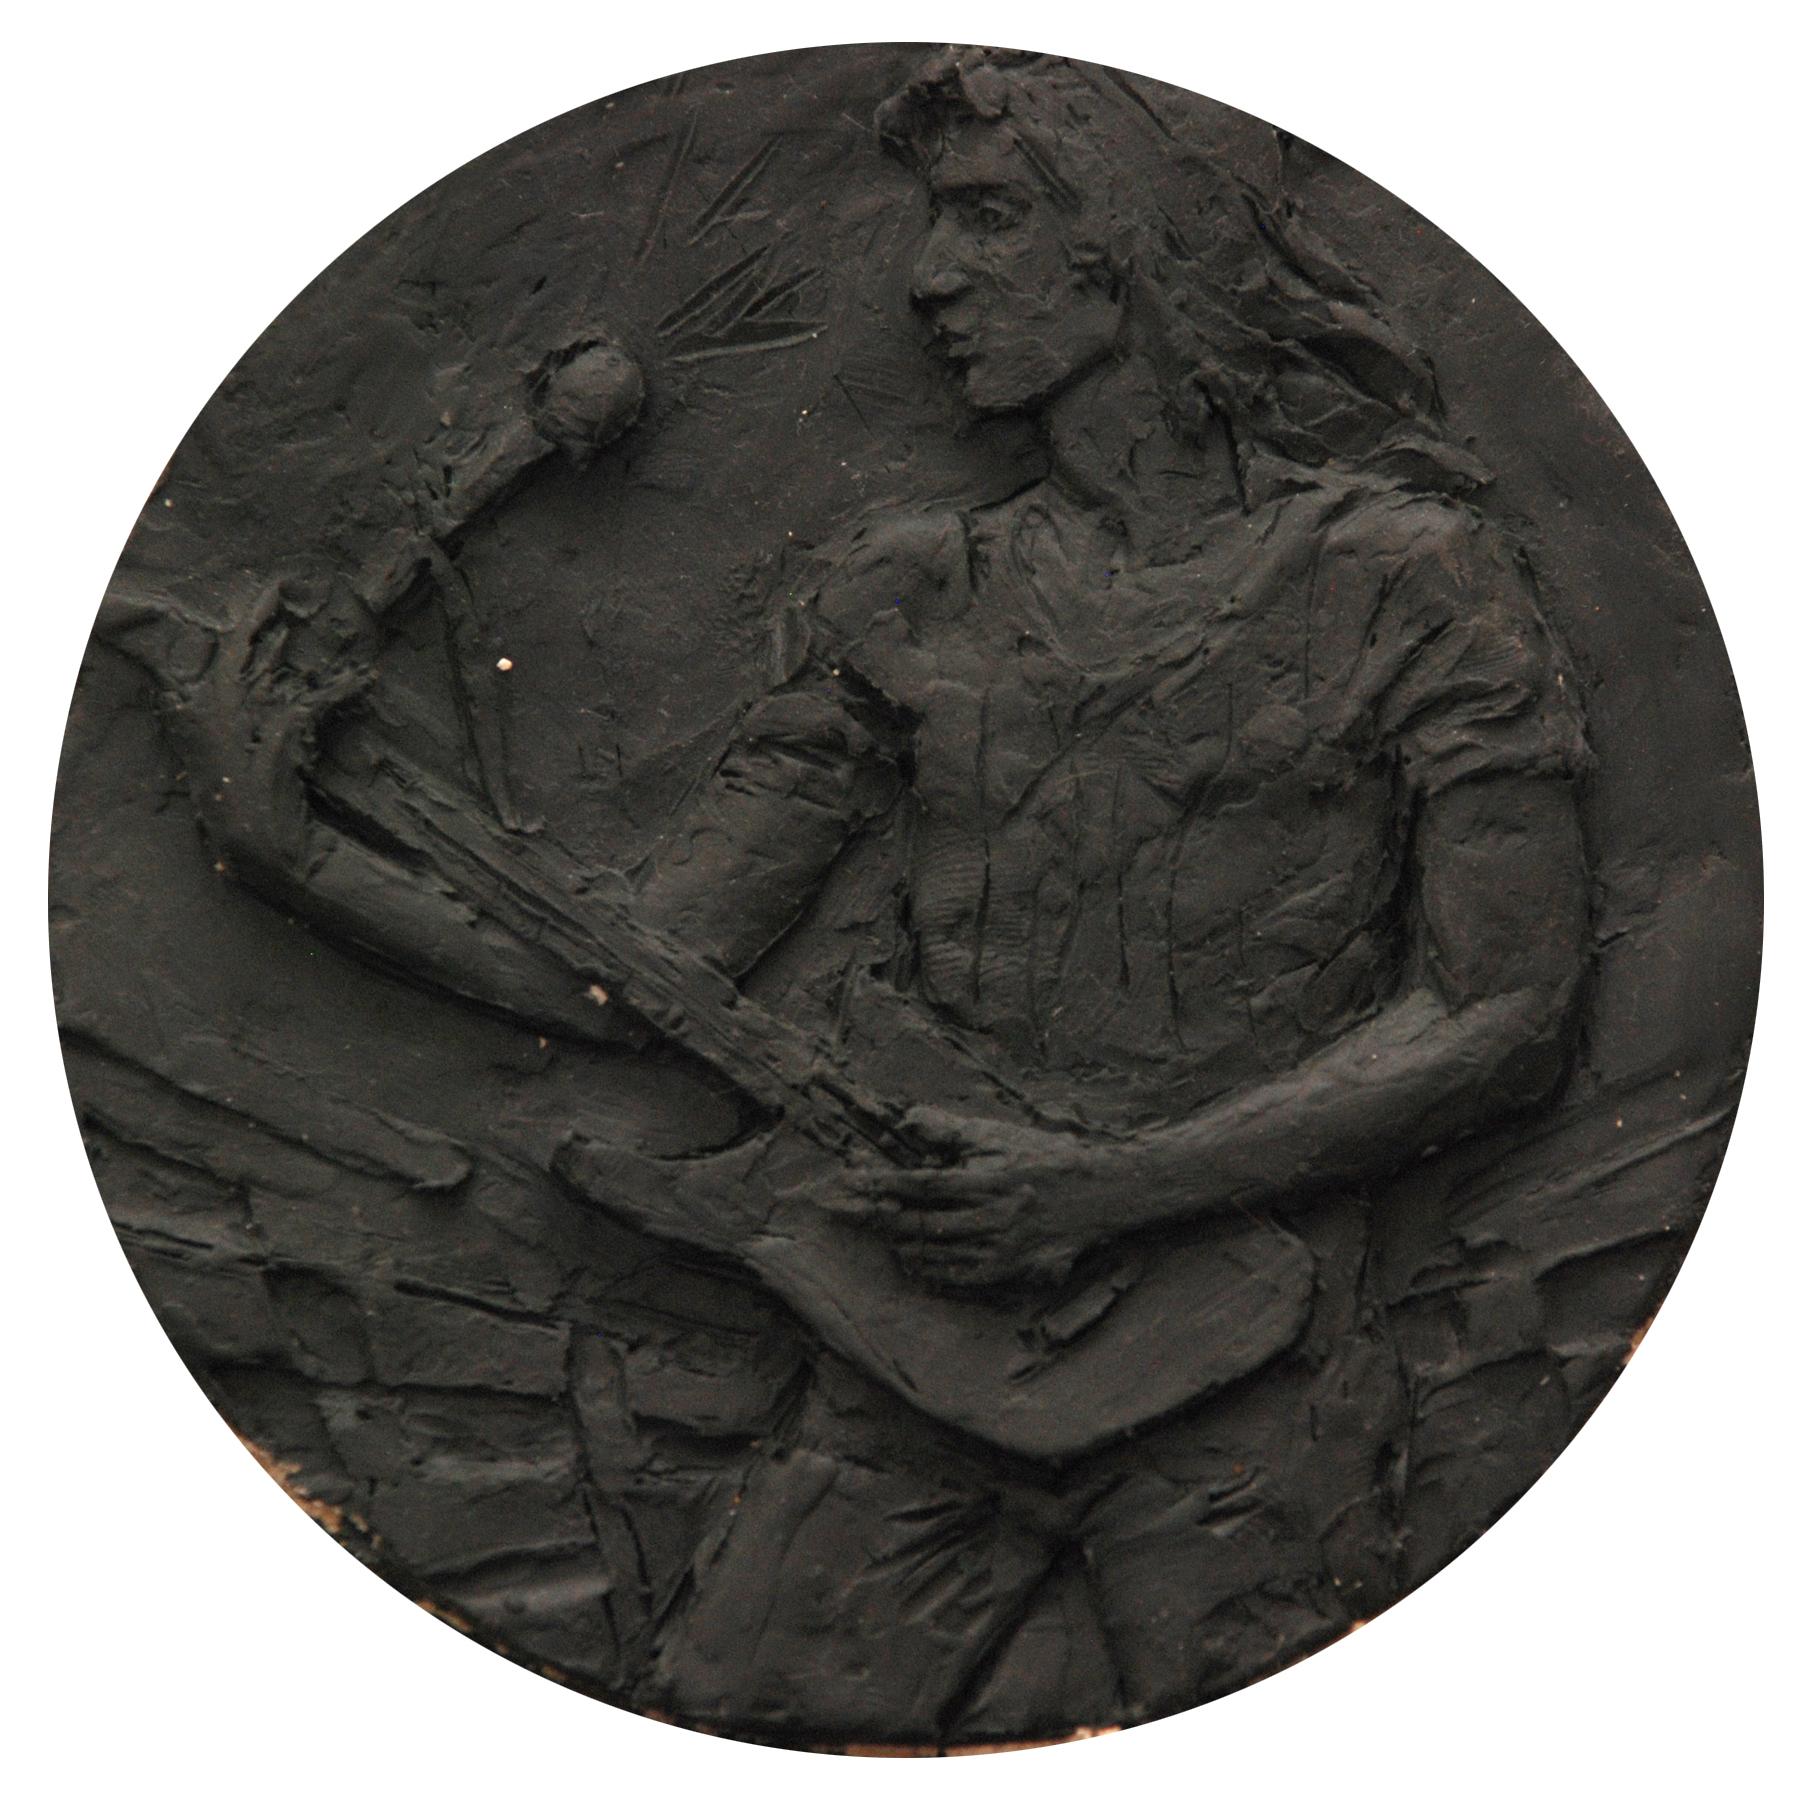 Медаль посвящённая композитору Арьену Лукассену